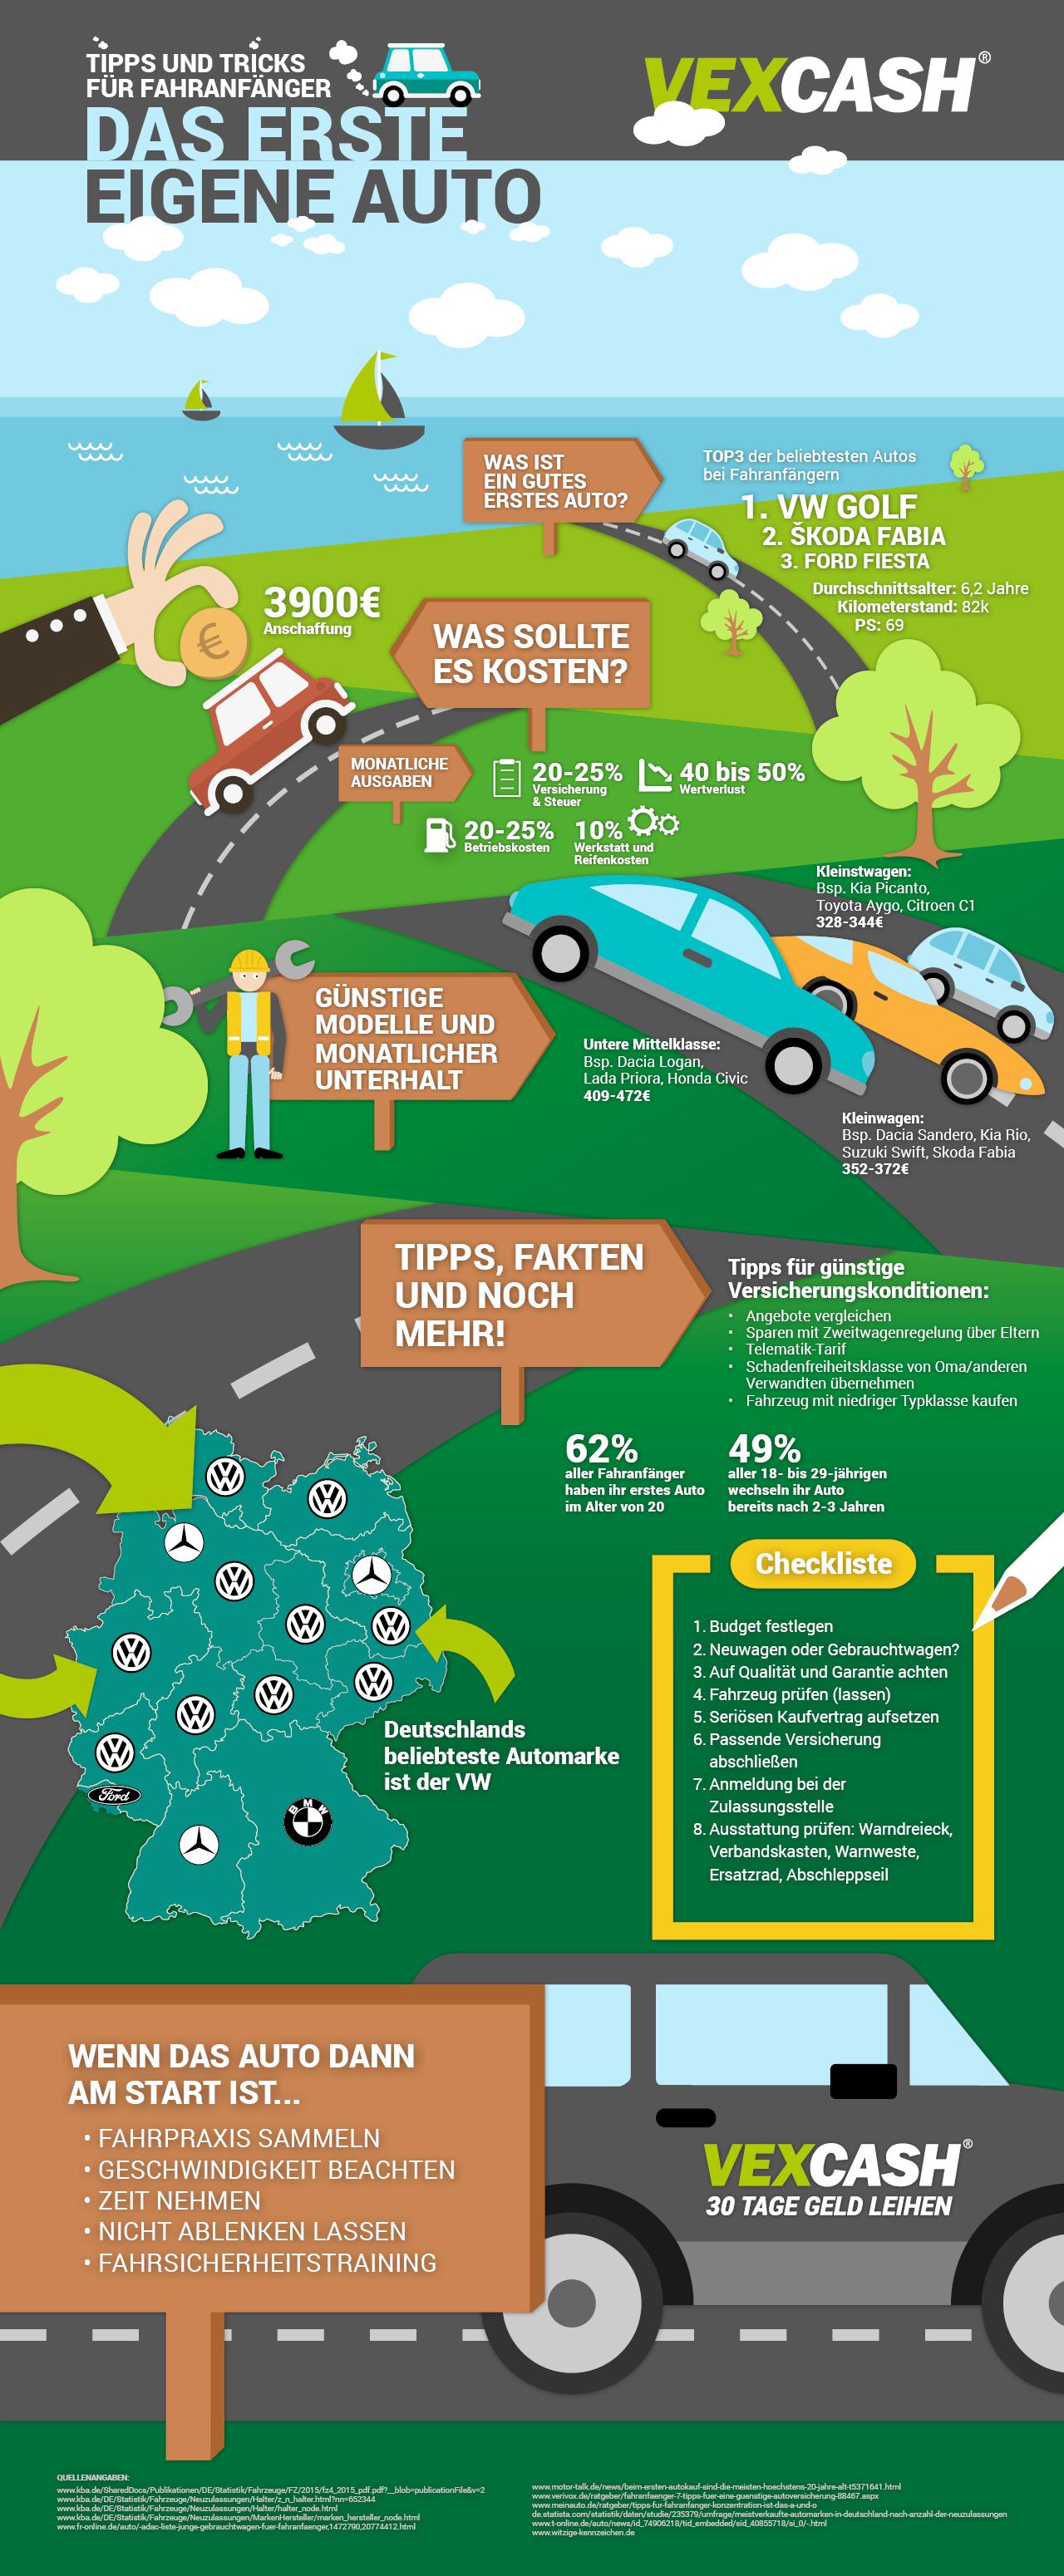 infografik vexcash tipps erstes eigenes auto